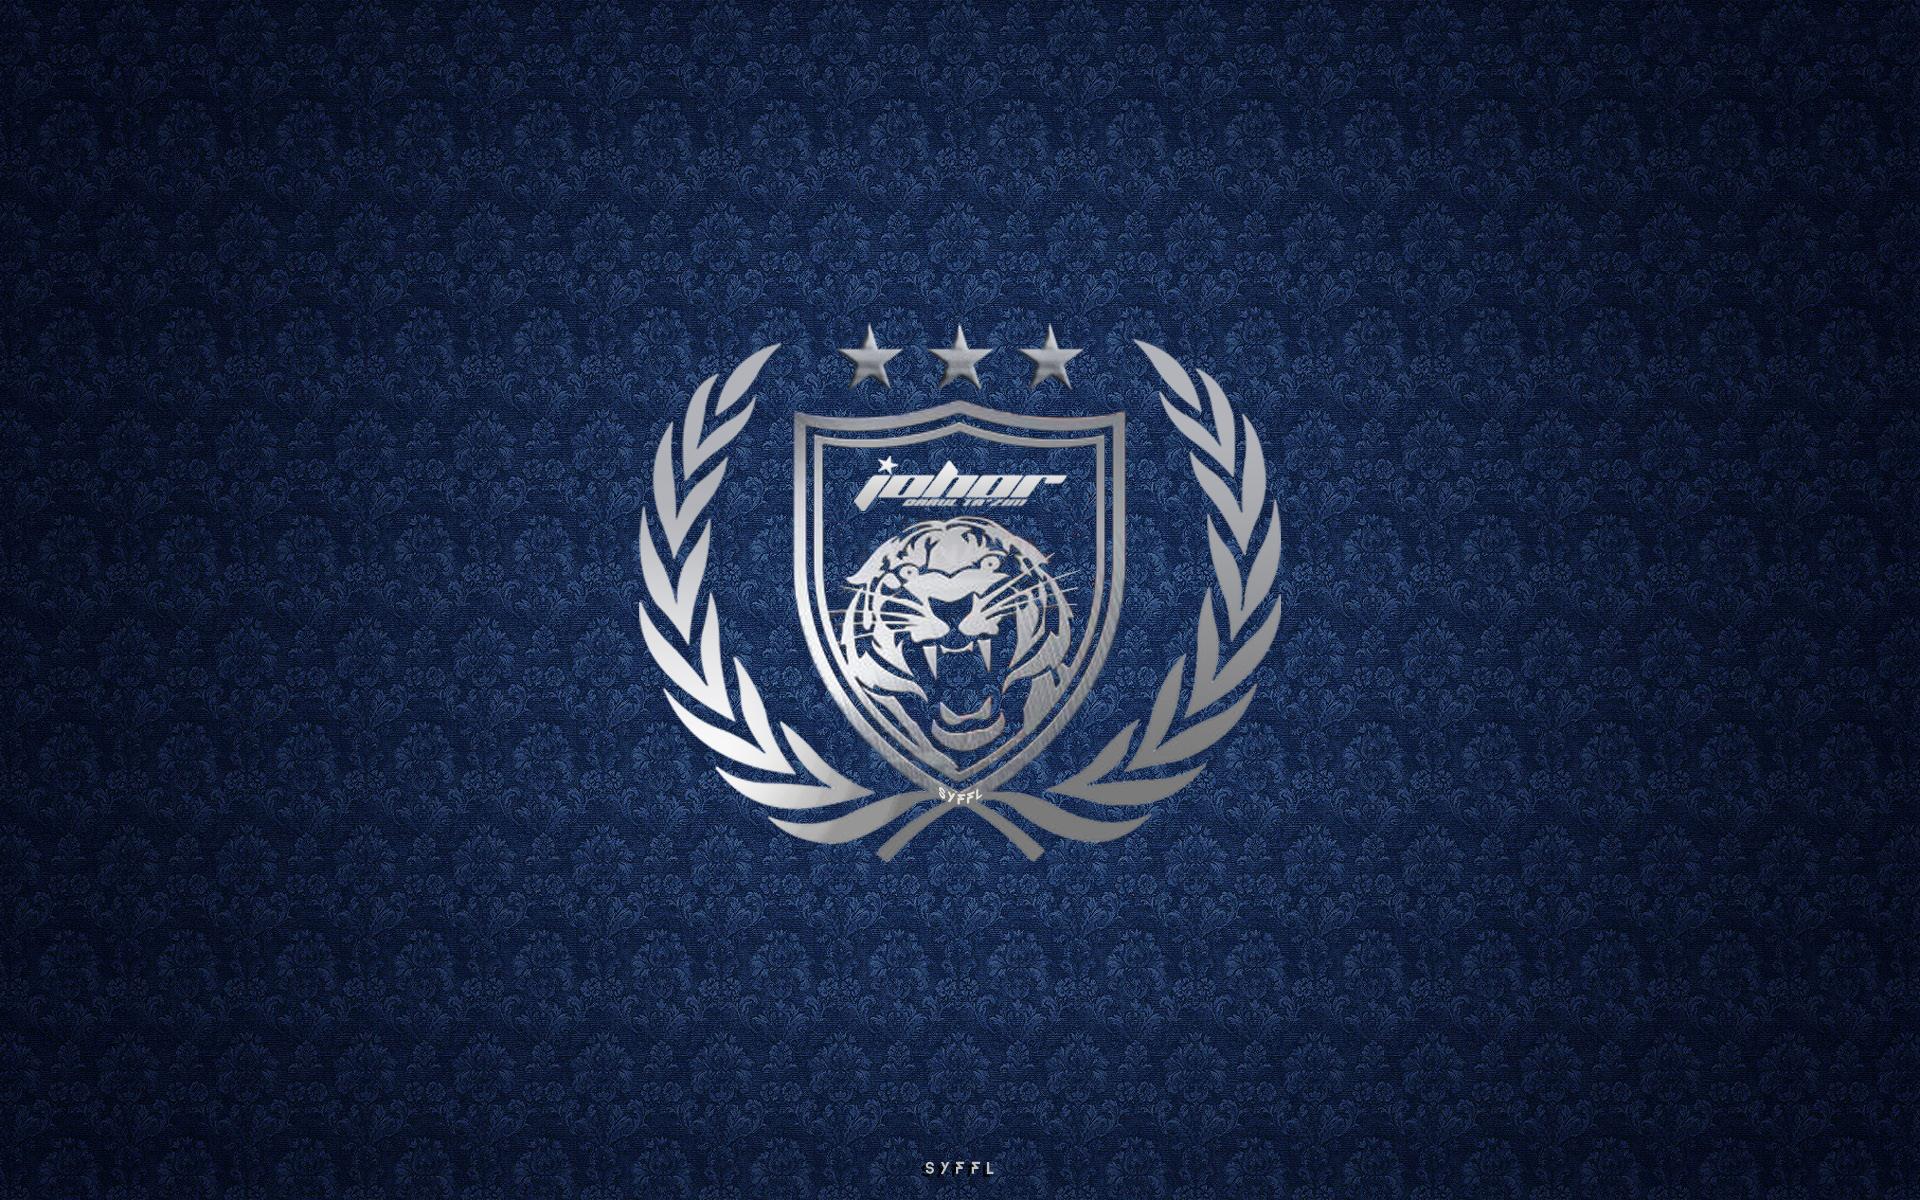 image logo jdt